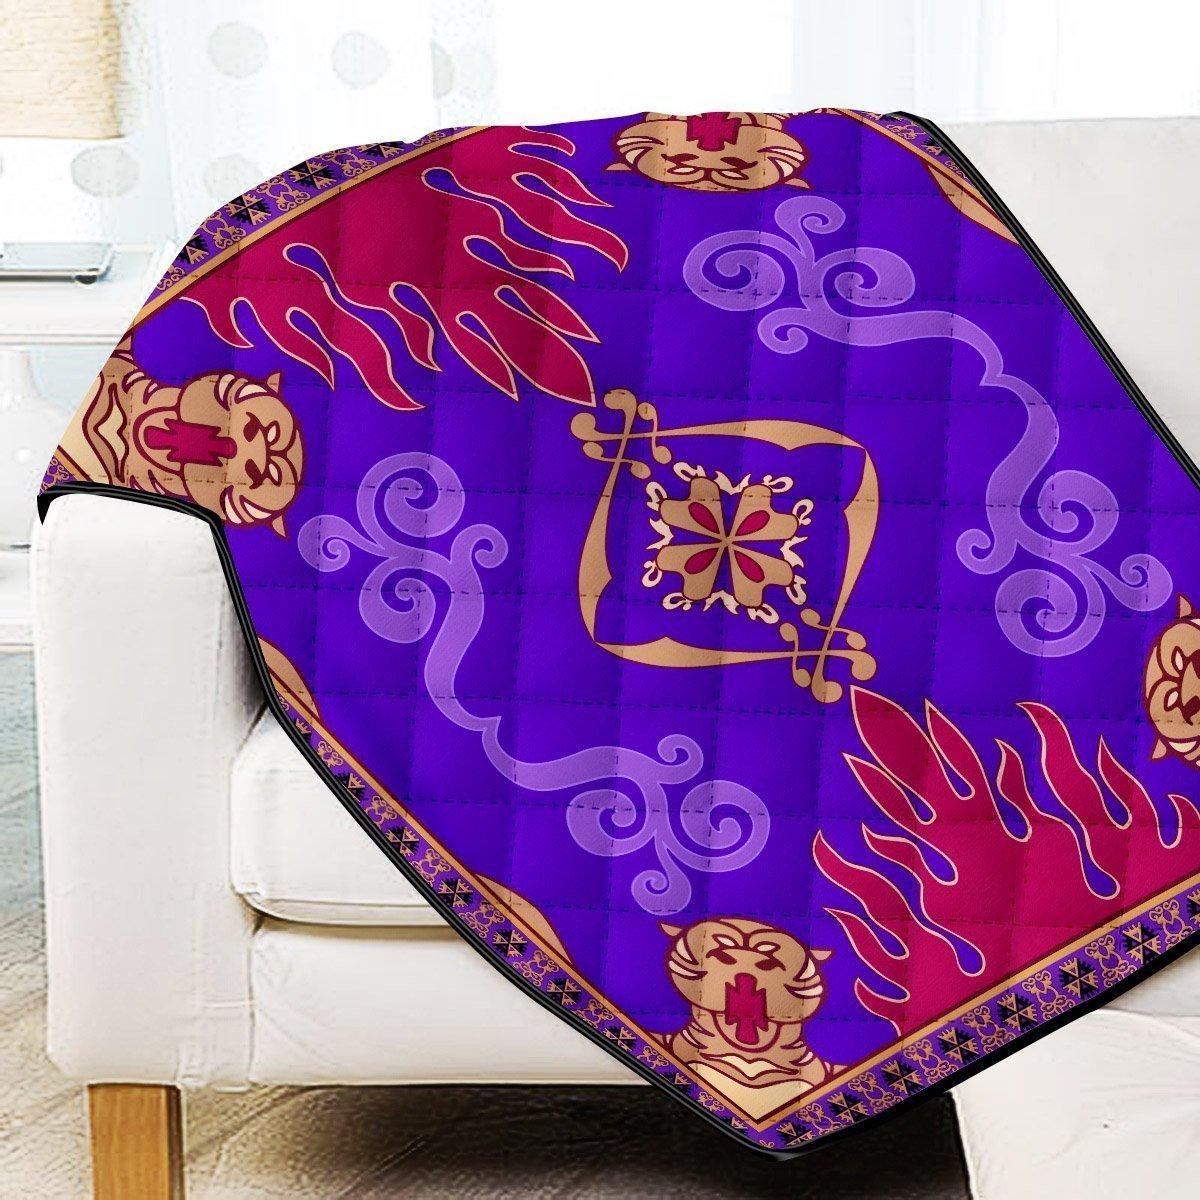 Magic Carpet Quilt Blanket Official Merch FDM3009 Twin Official Otaku Treat Merch